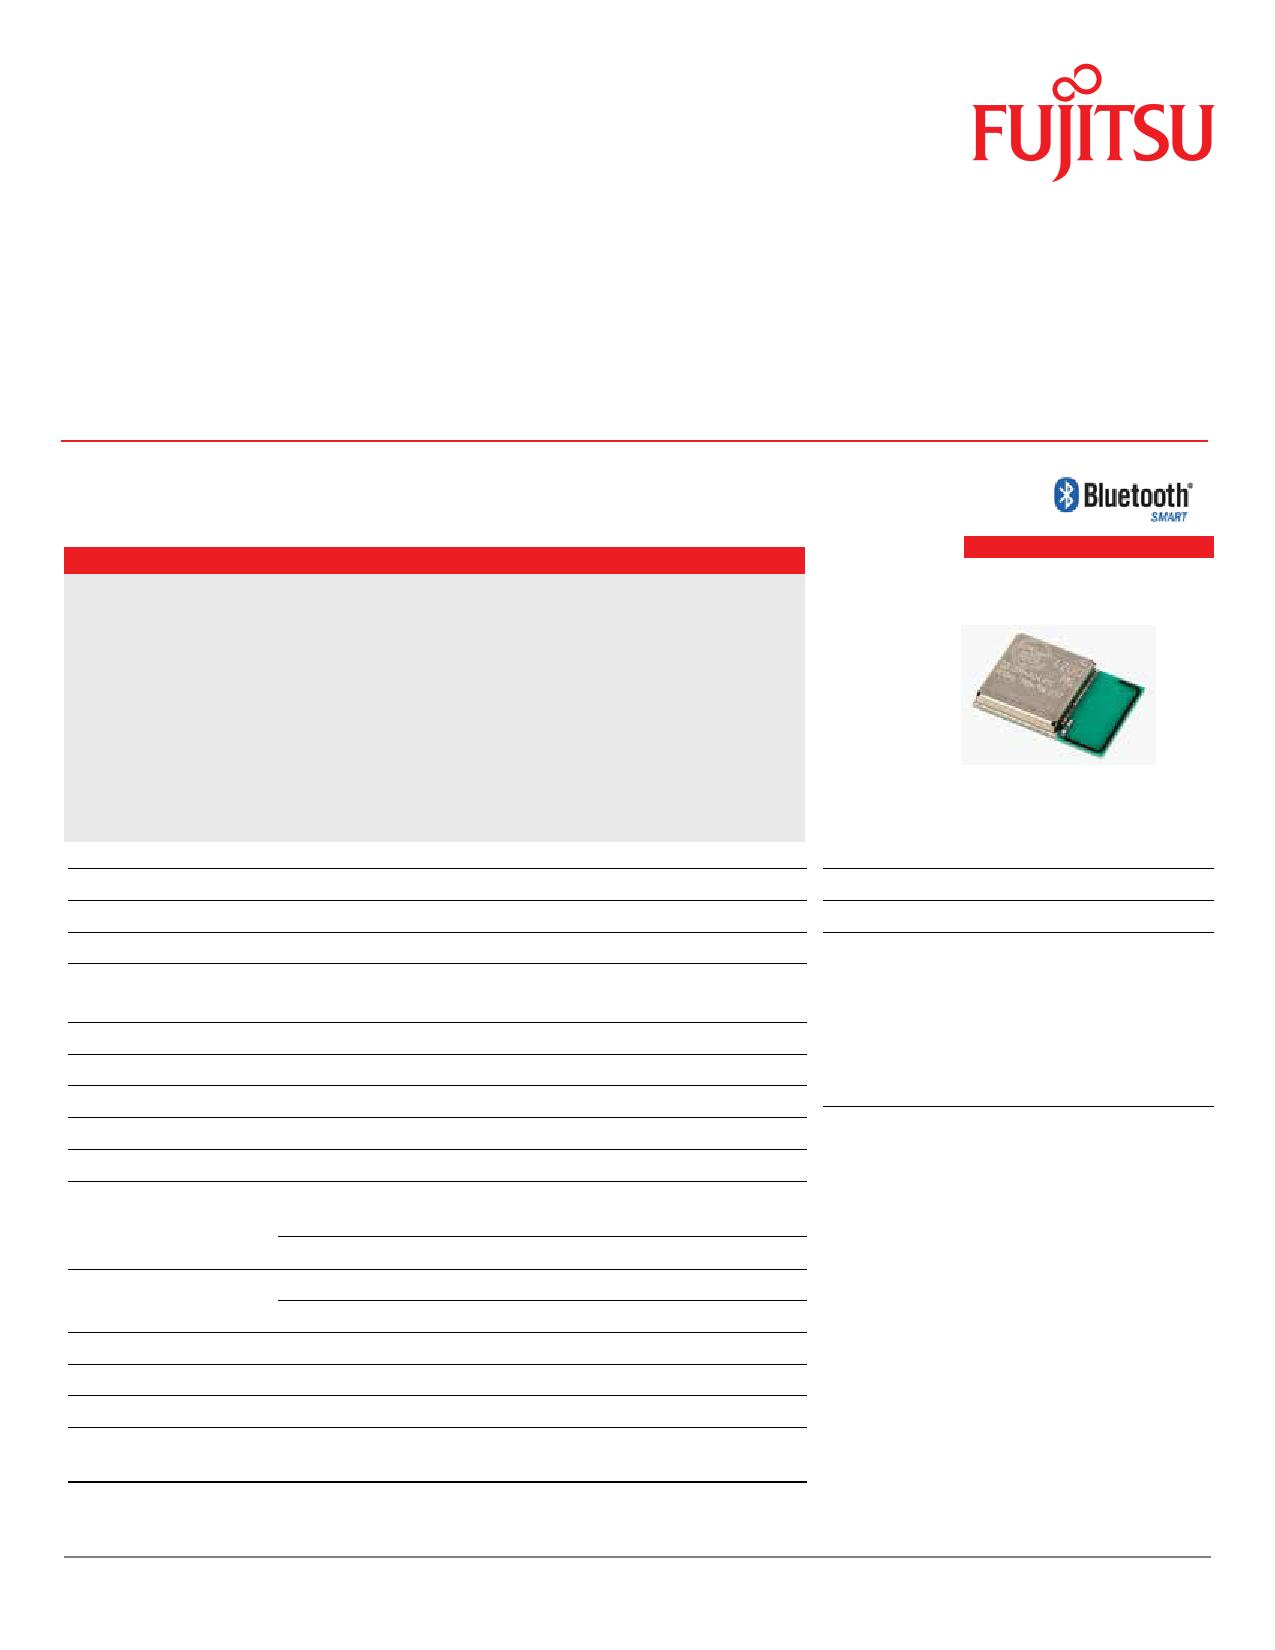 MBH7BLZ07-109033 데이터시트 및 MBH7BLZ07-109033 PDF